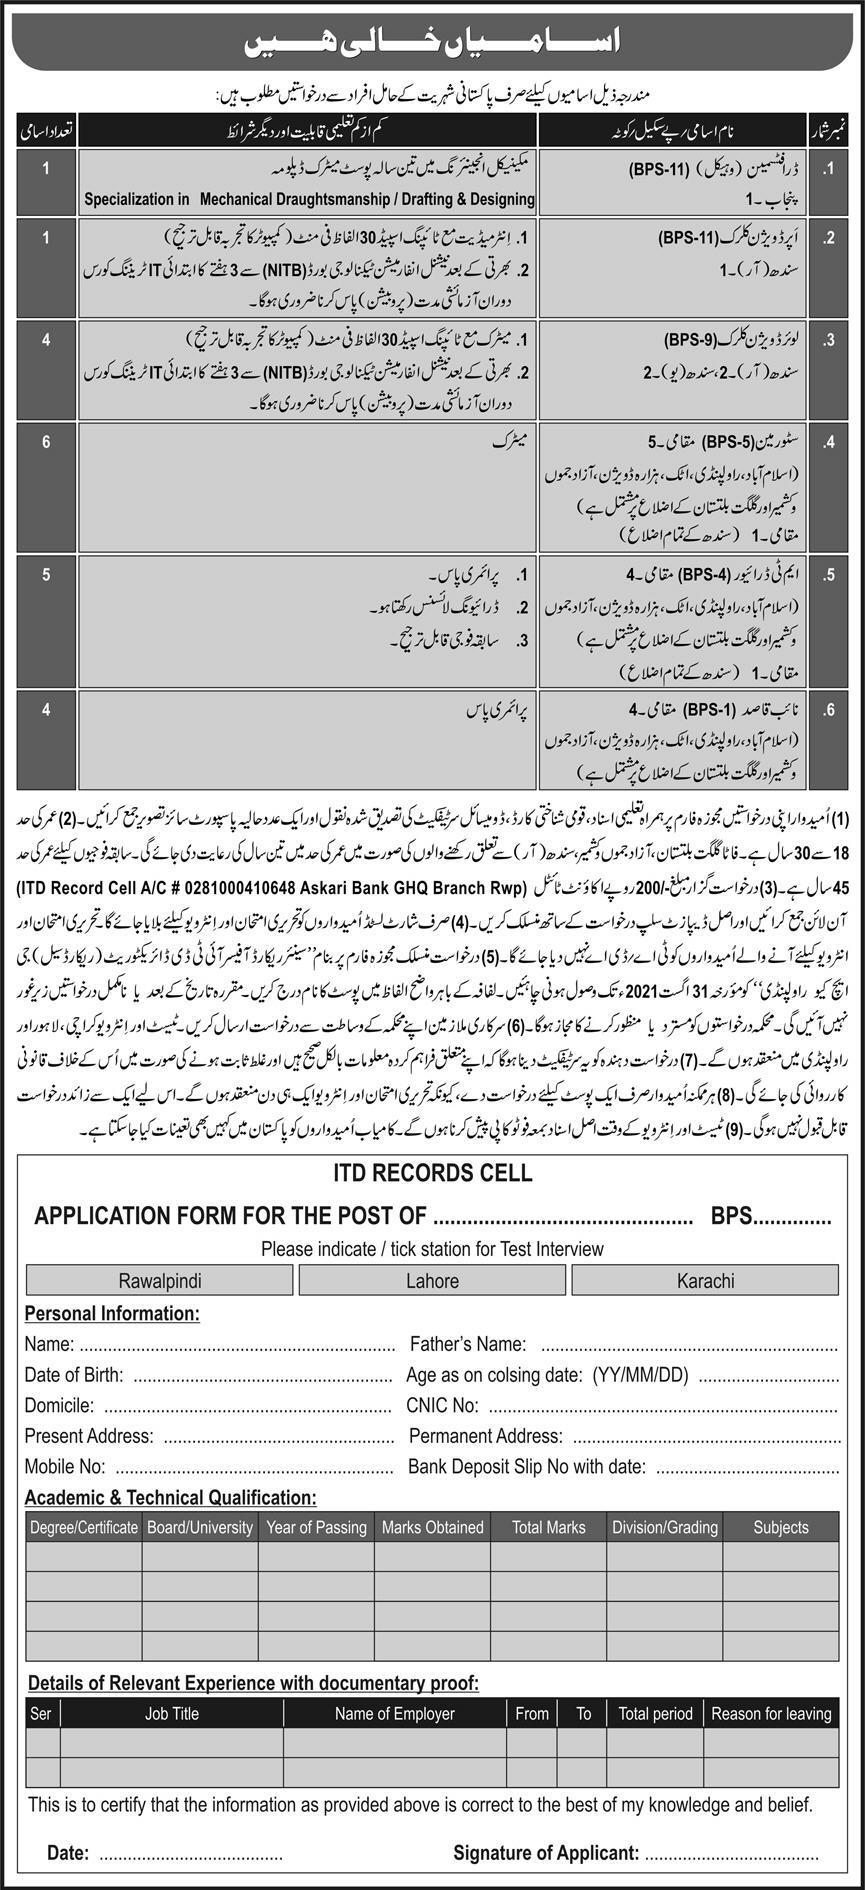 Pakistan Army GHQ Jobs Latest 2021